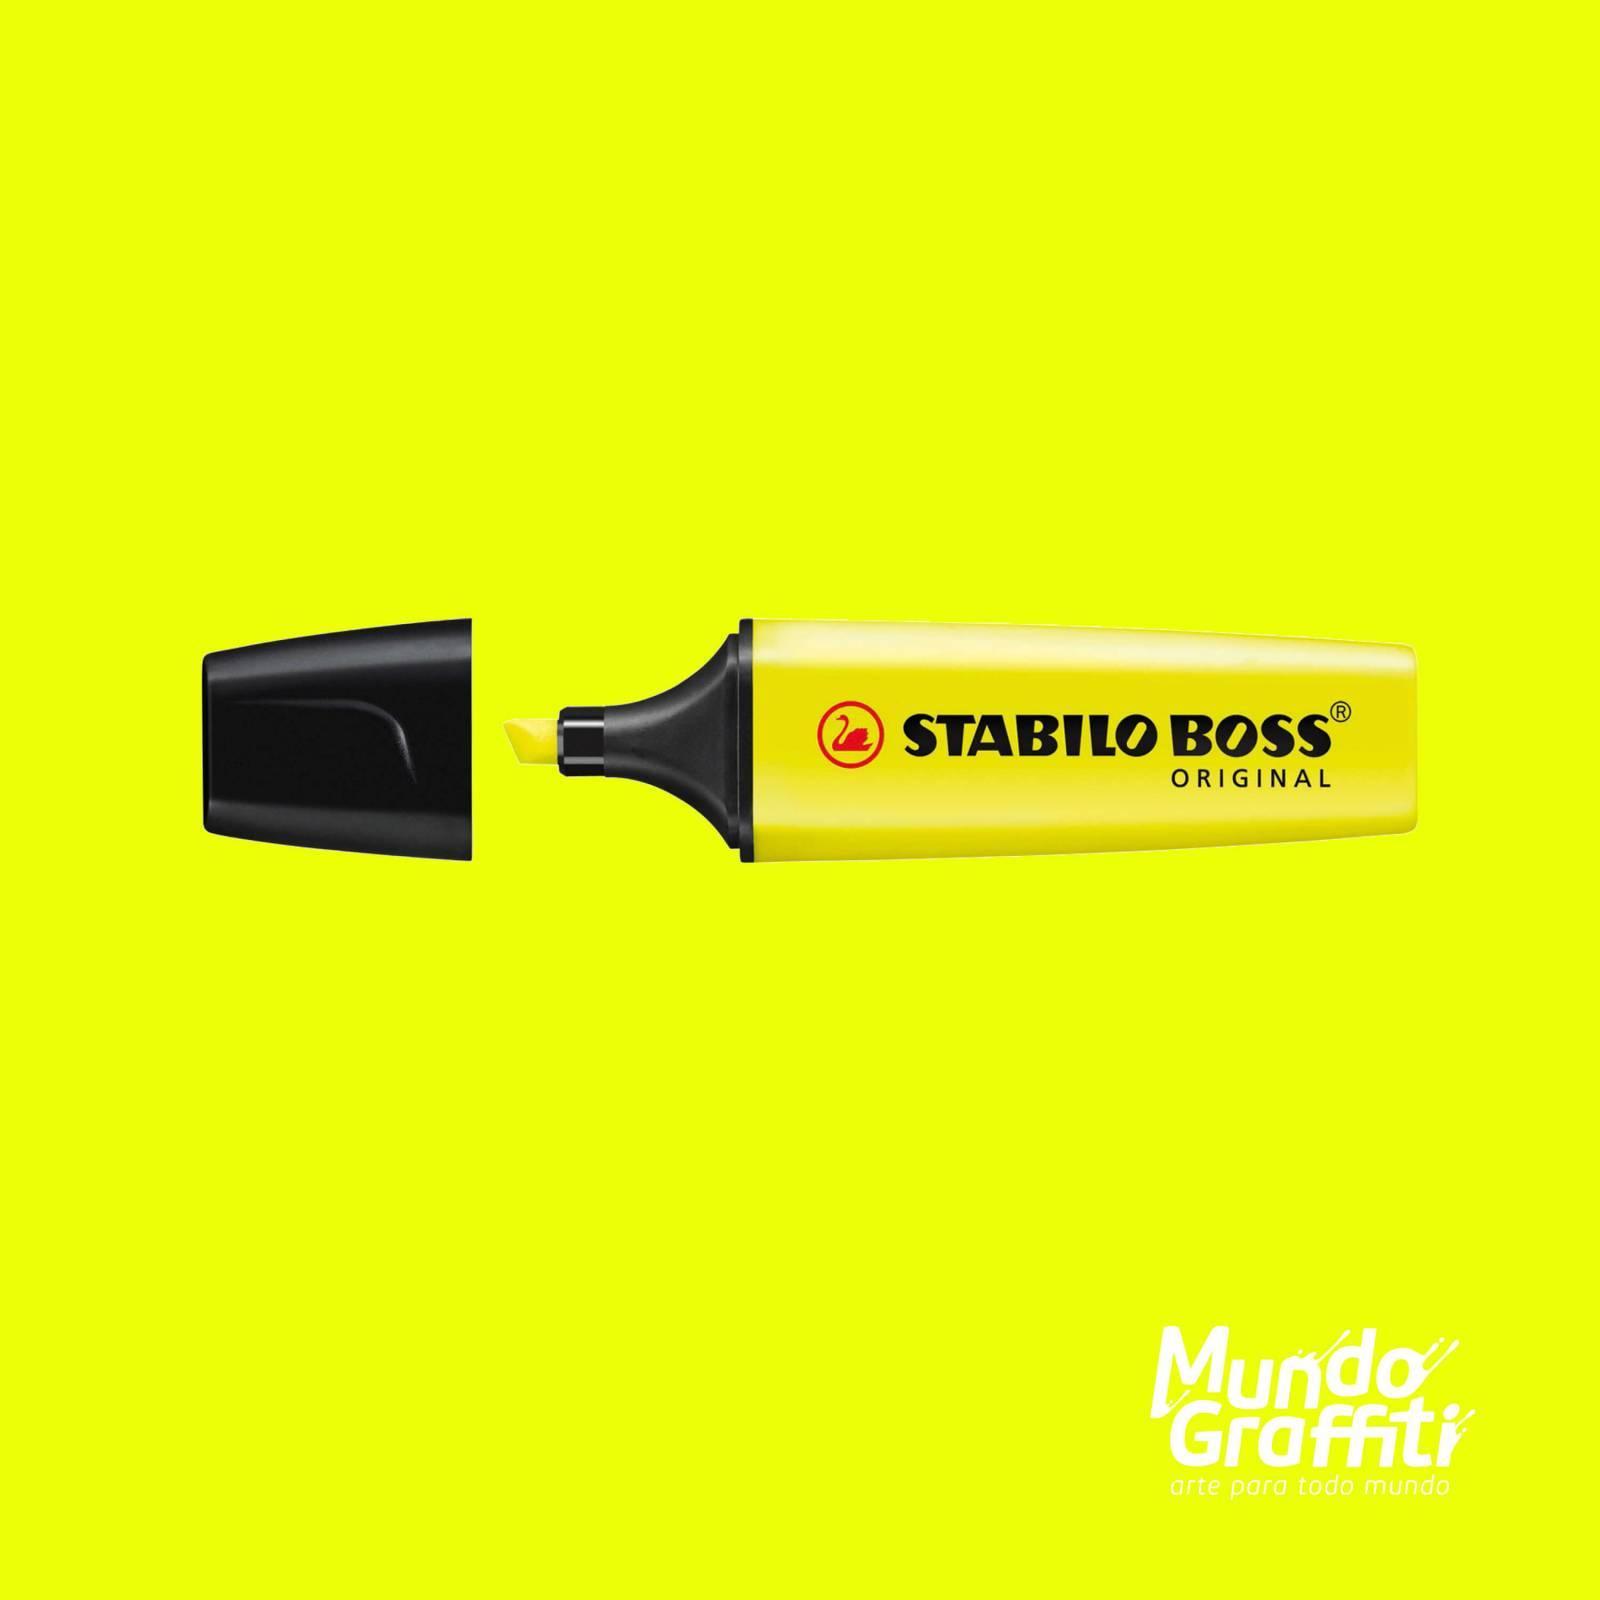 Marca Texto Stabilo Boss 70/24 Amarelo Fluorescente  - Mundo Graffiti